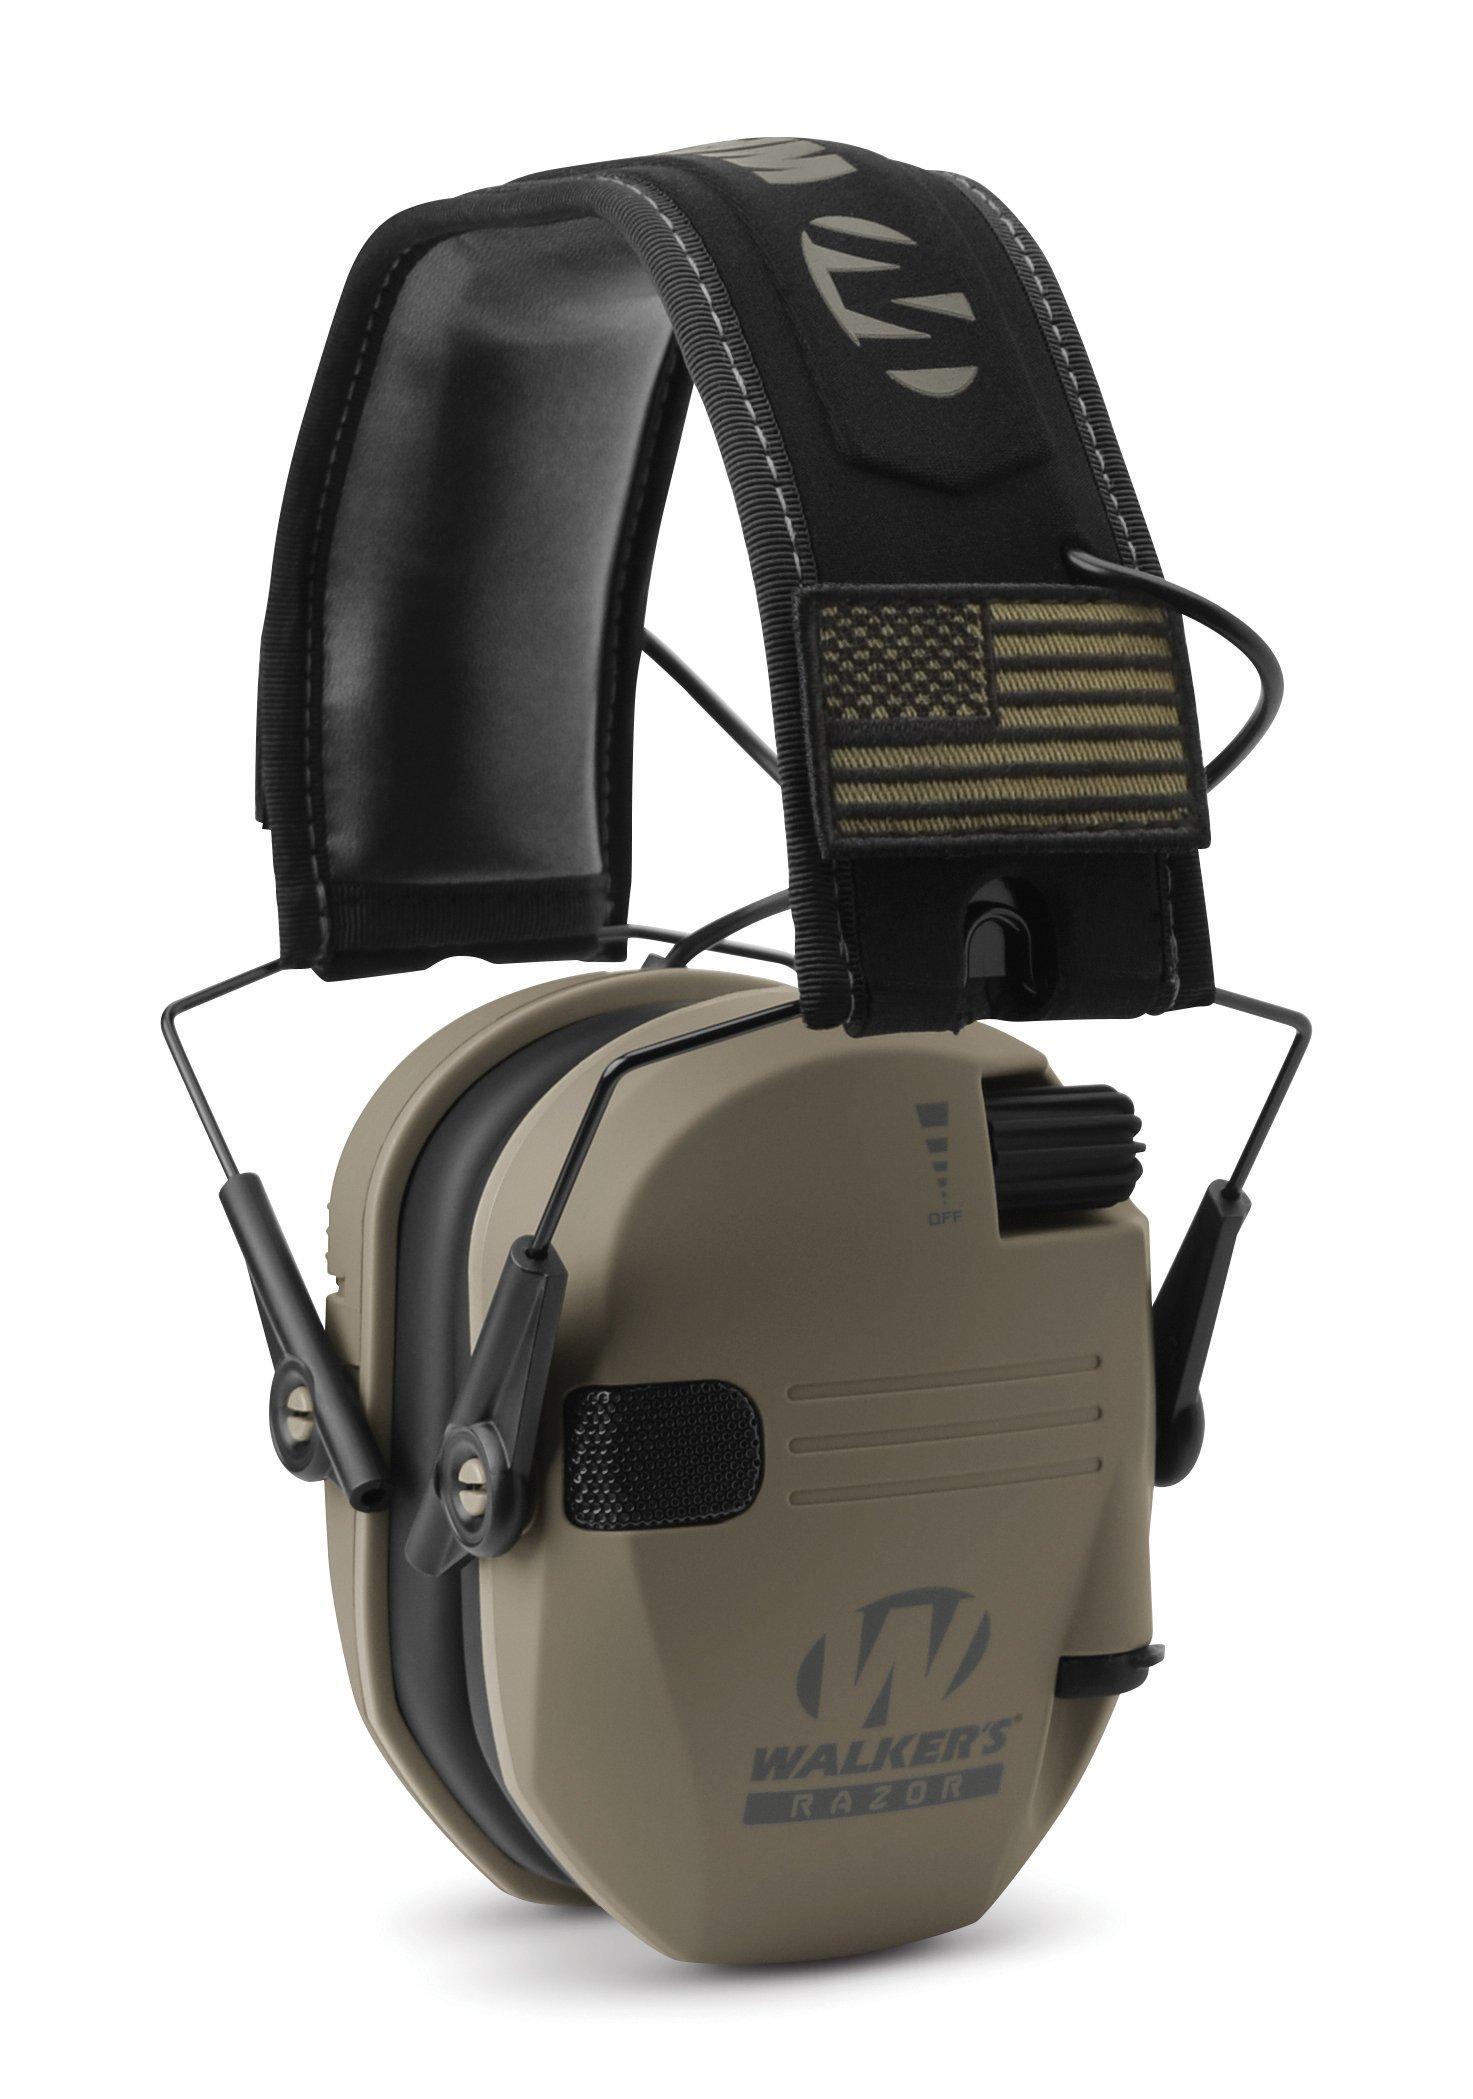 Walker's GWP-RSEMPAT-FDE Electronic Muffs by Walker's Game Ear